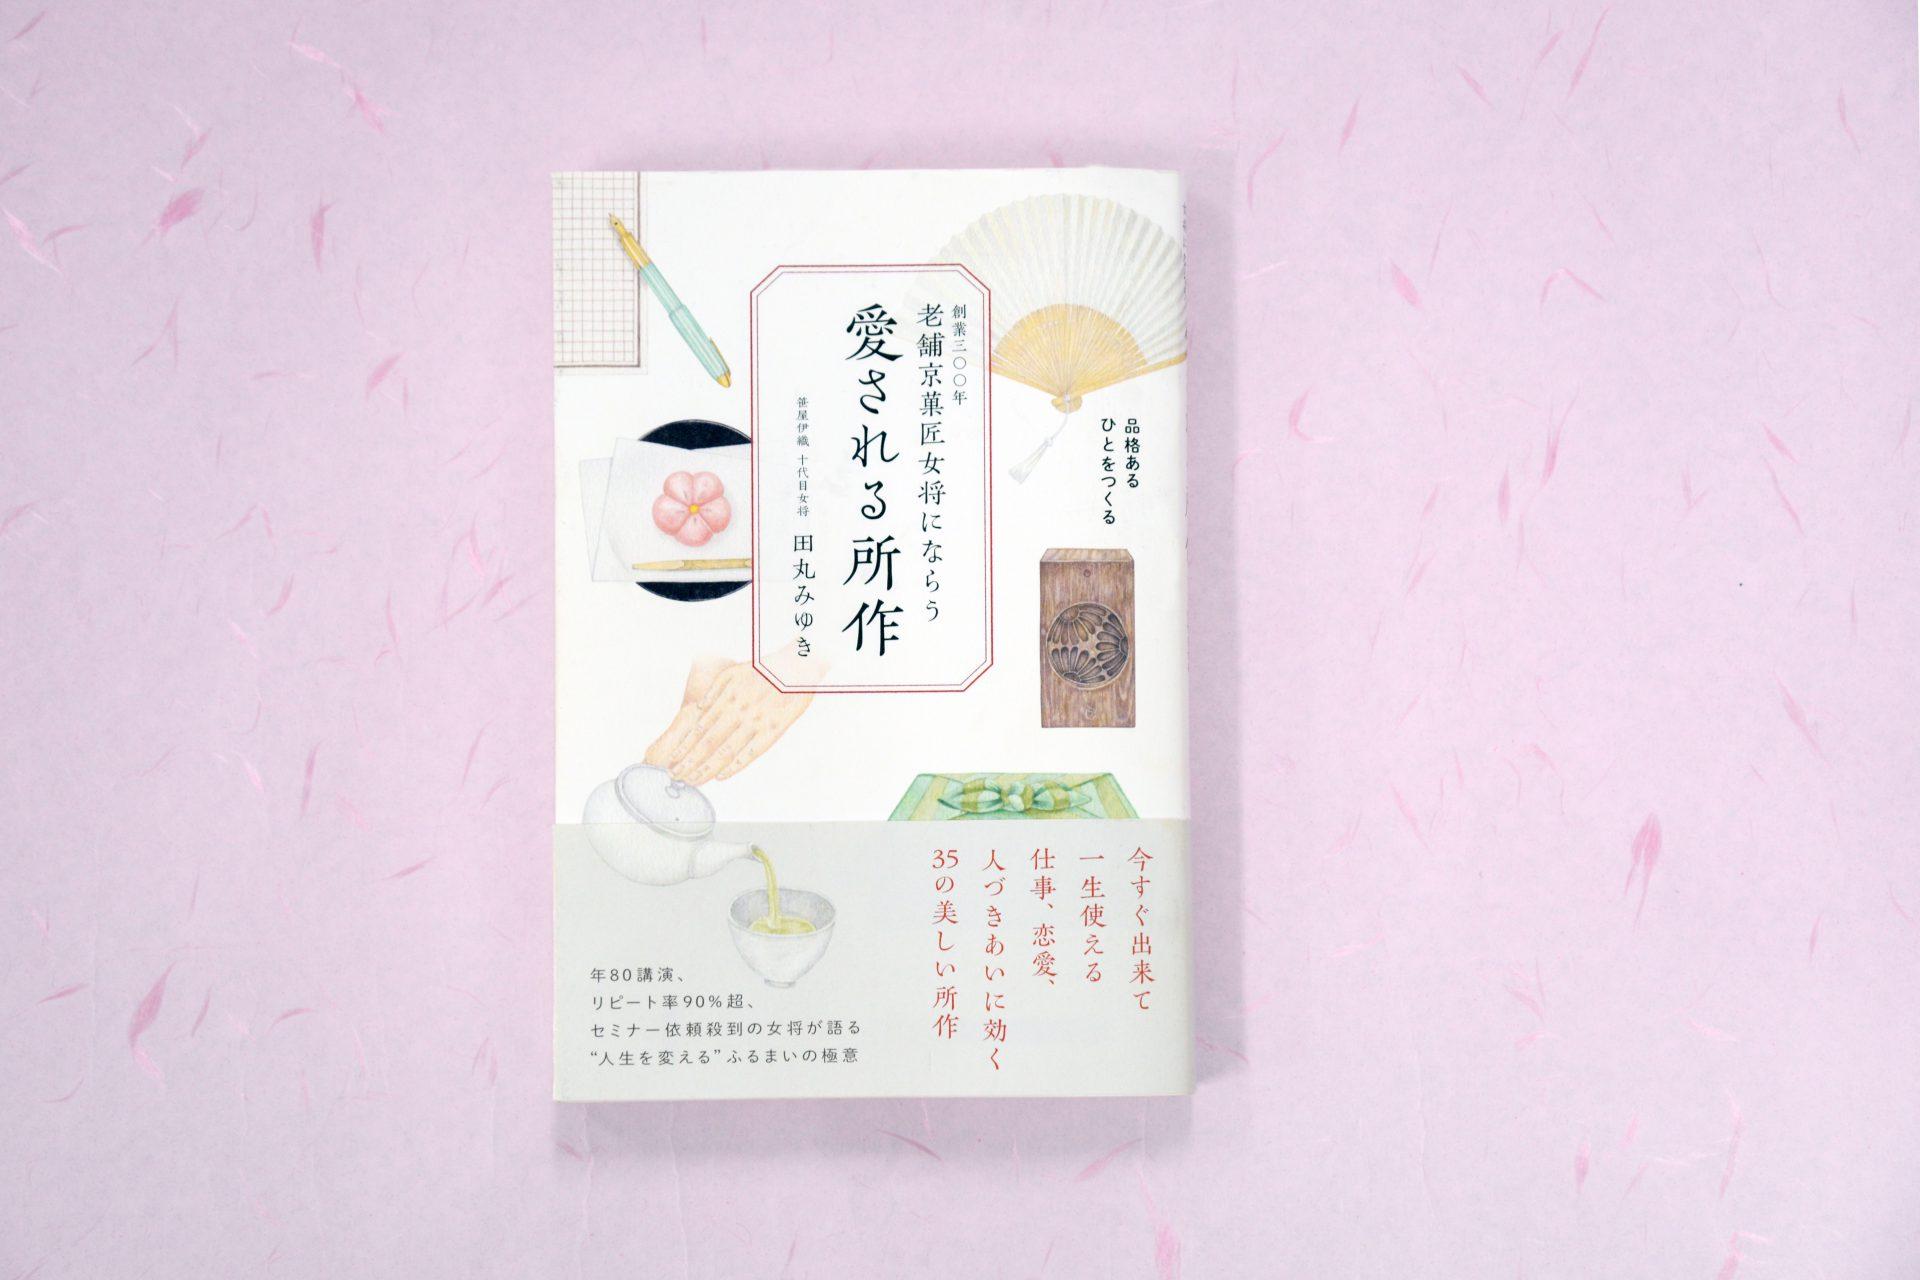 【書籍】創業300年 老舗京菓匠女将にならう 愛される所作 著者 田丸みゆき